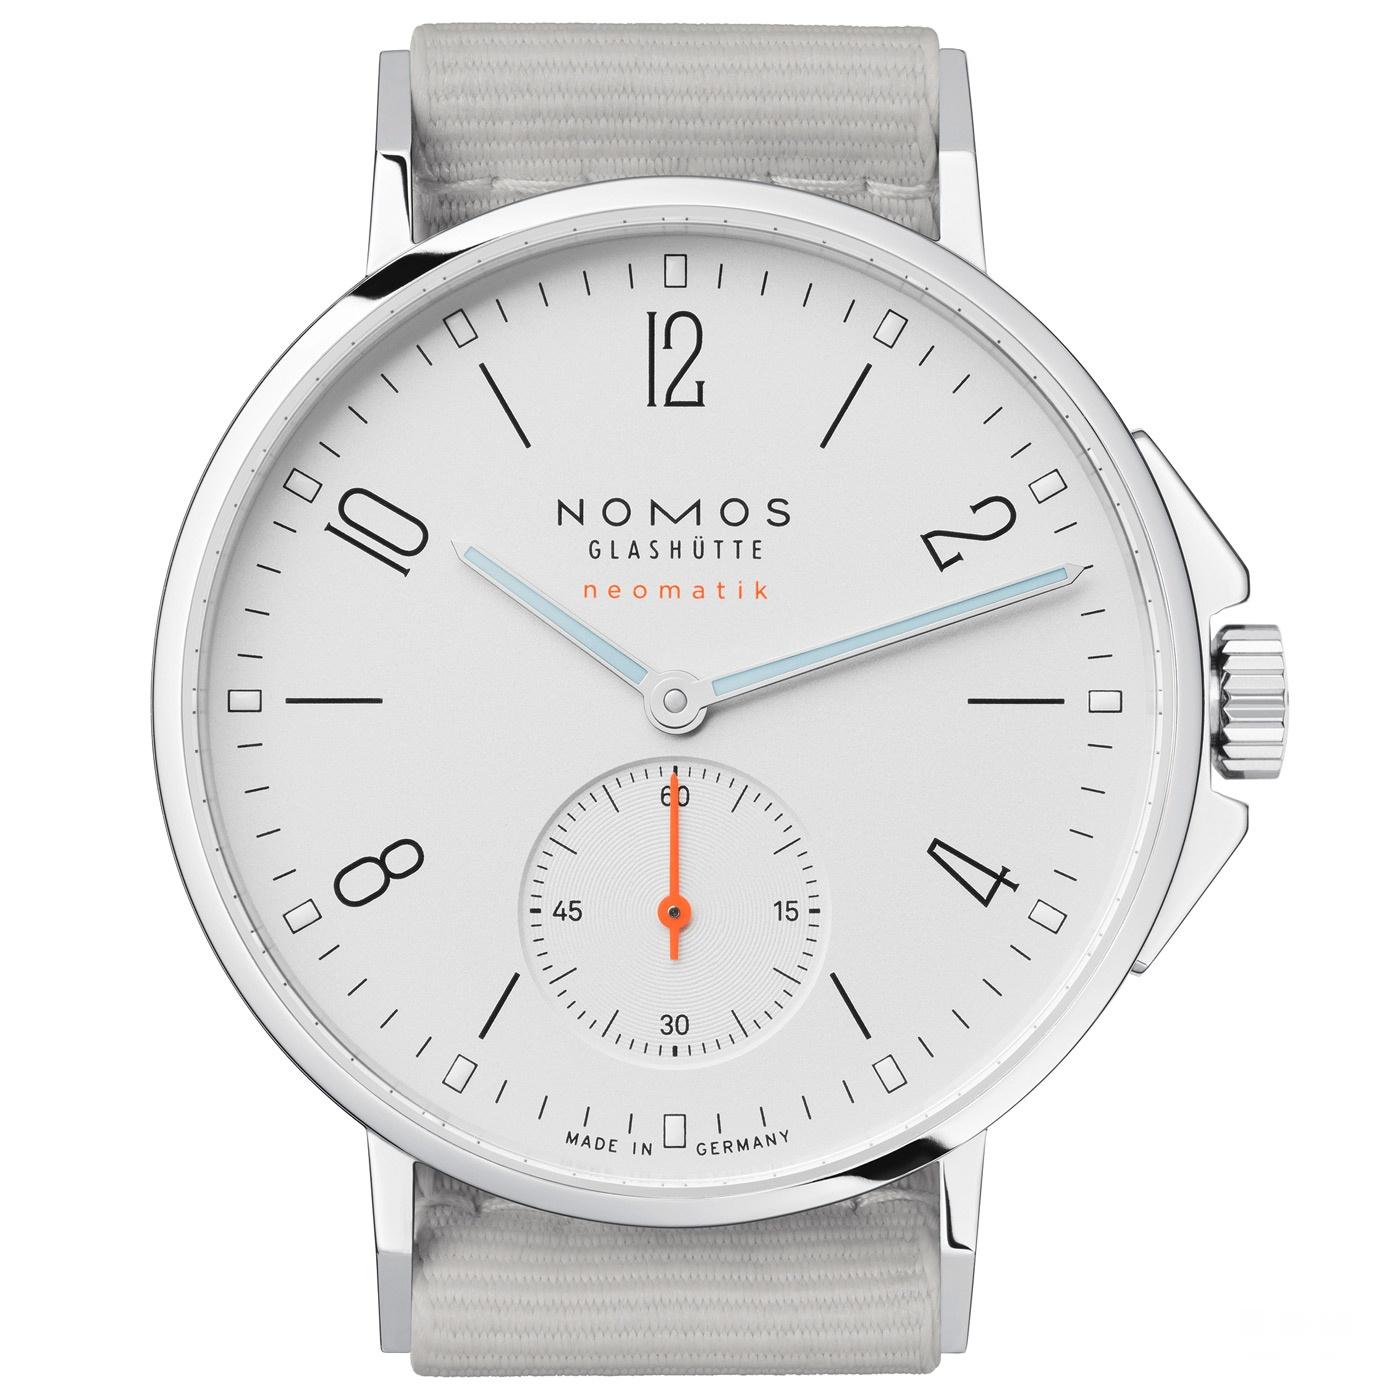 【2017巴塞尔钟表展新款】NOMOS全新 Aqua 系列腕表